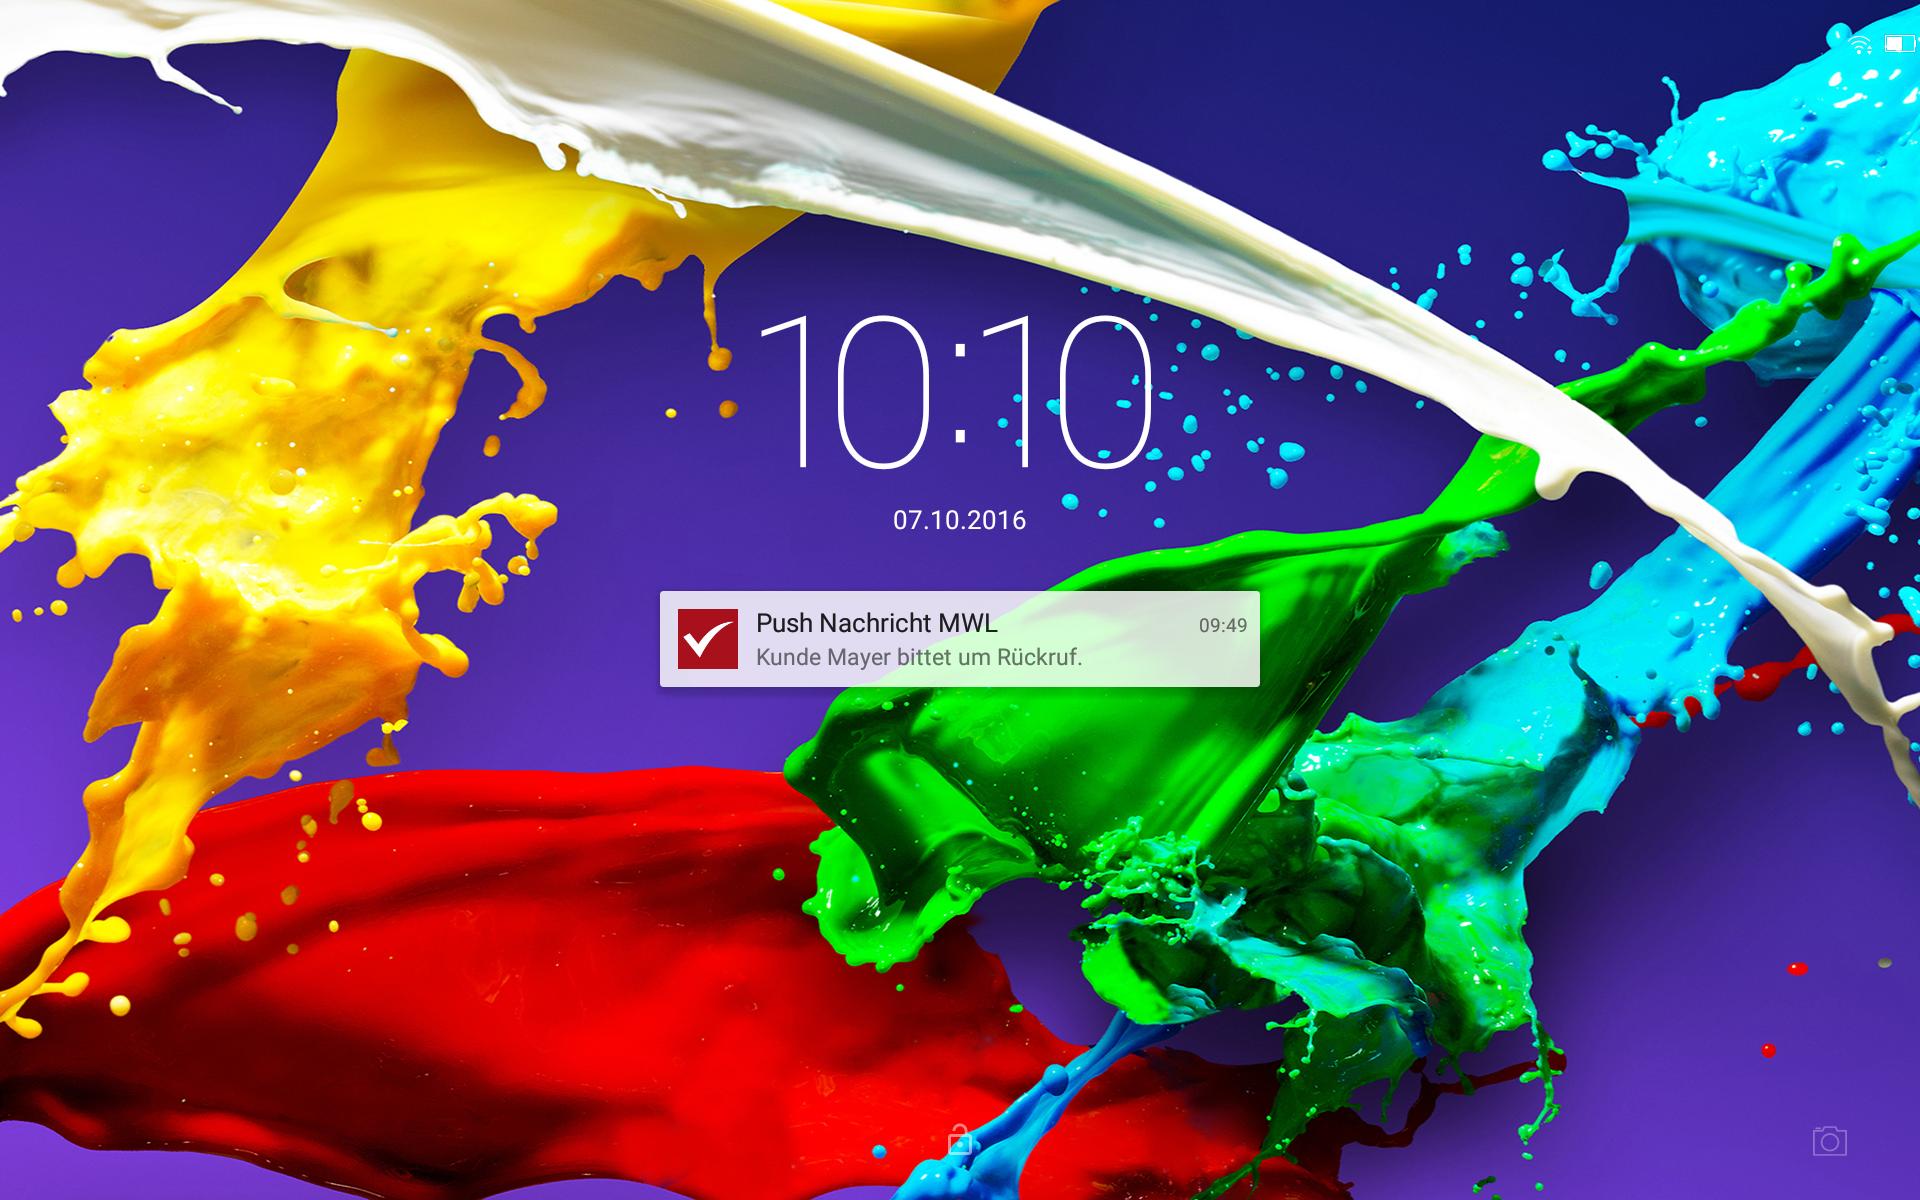 Mit der mesonic WinLine 10.3 können Pushnachrichten an Desktop, Tablet, Smartphone gesendet und empfangen werden.